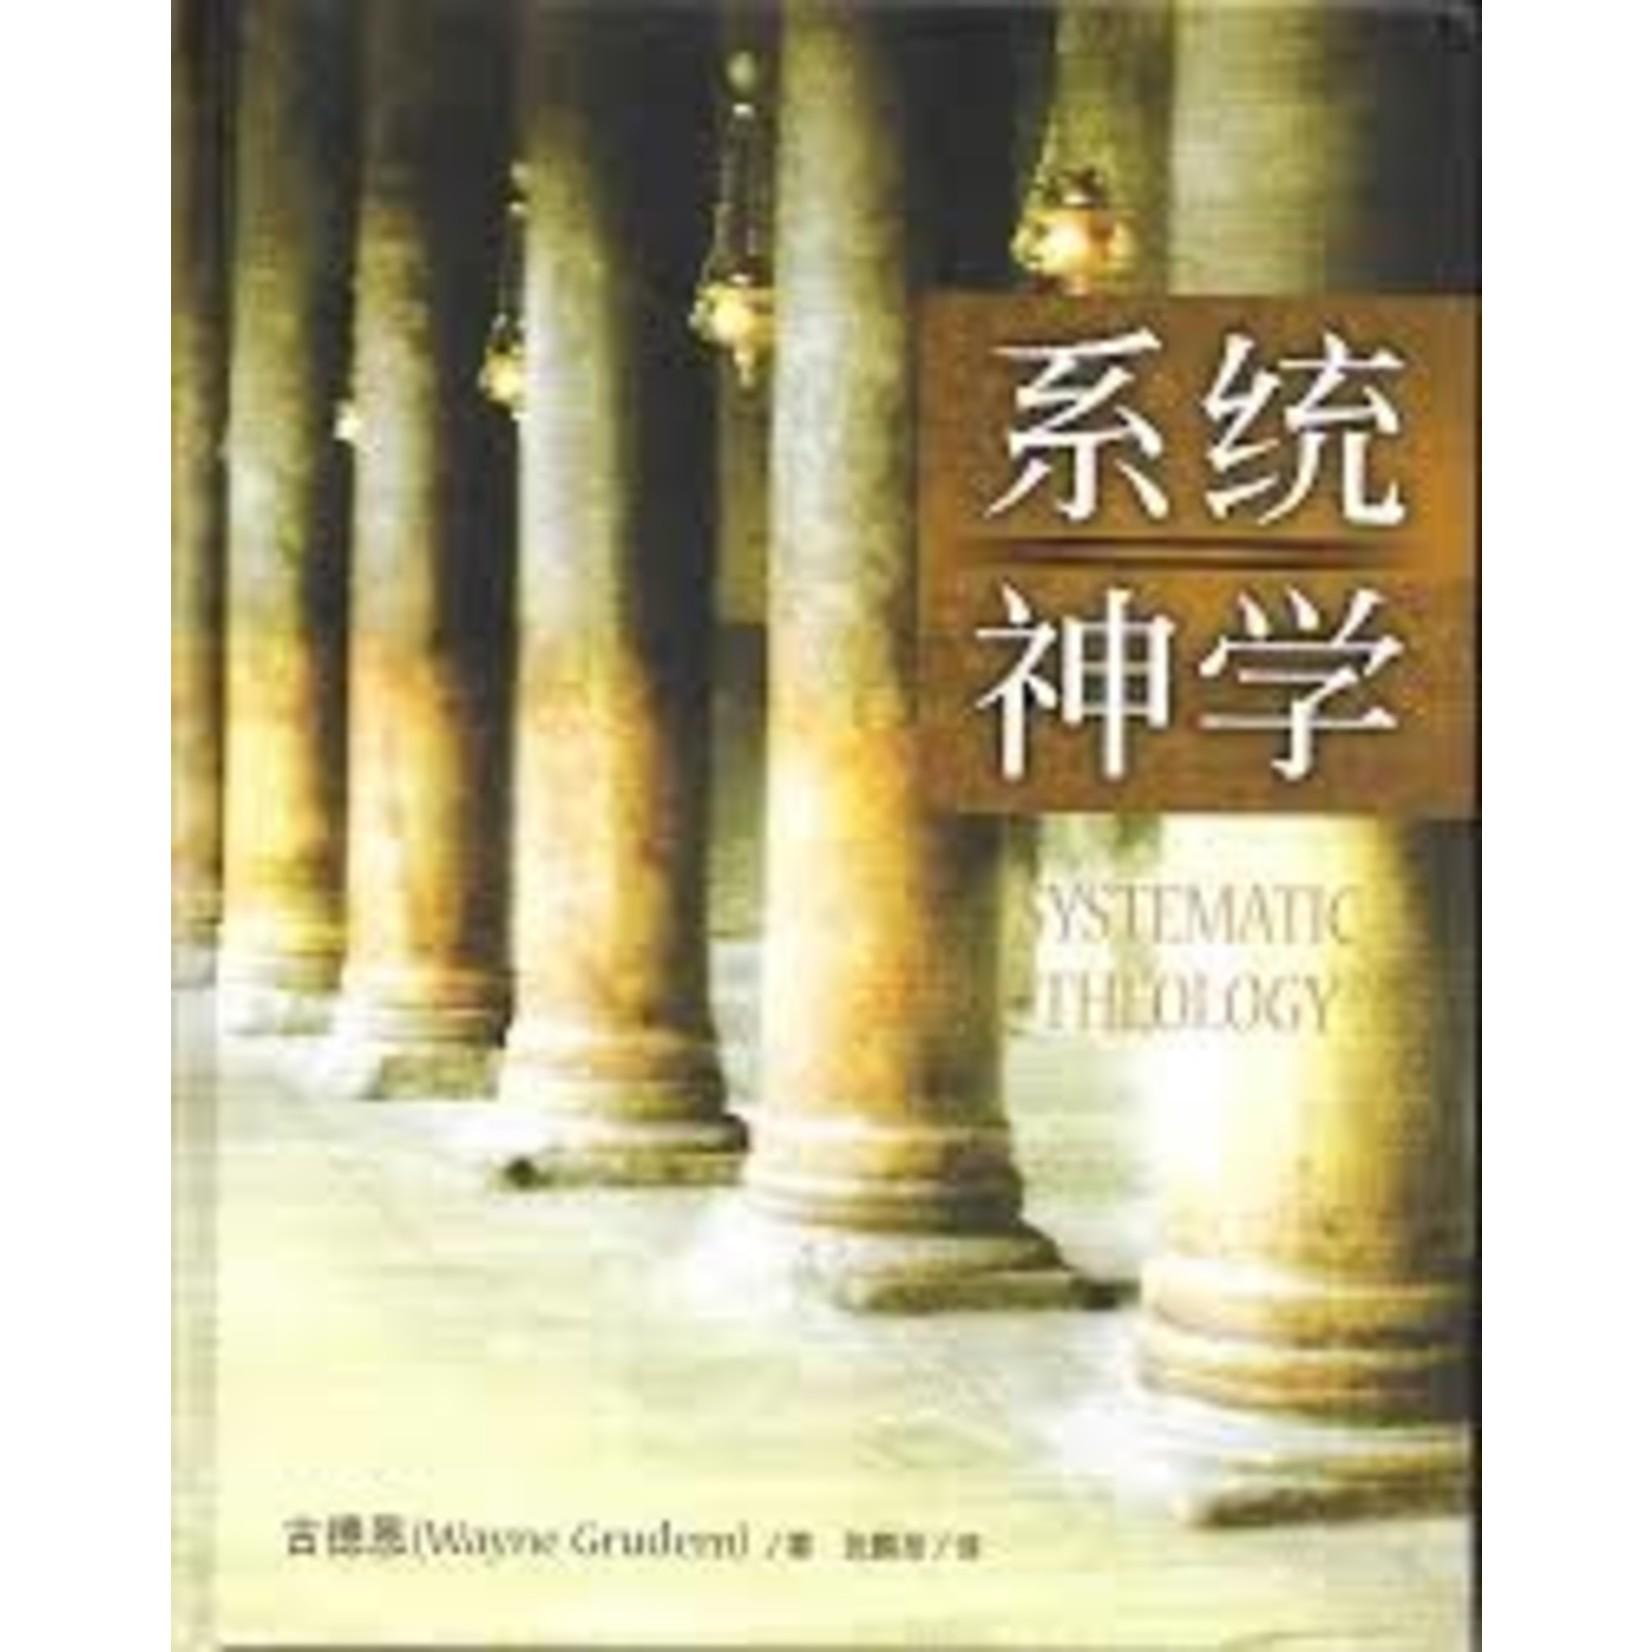 更新傳道會 Christian Renewal Ministries 系统神学 Systematic Theology